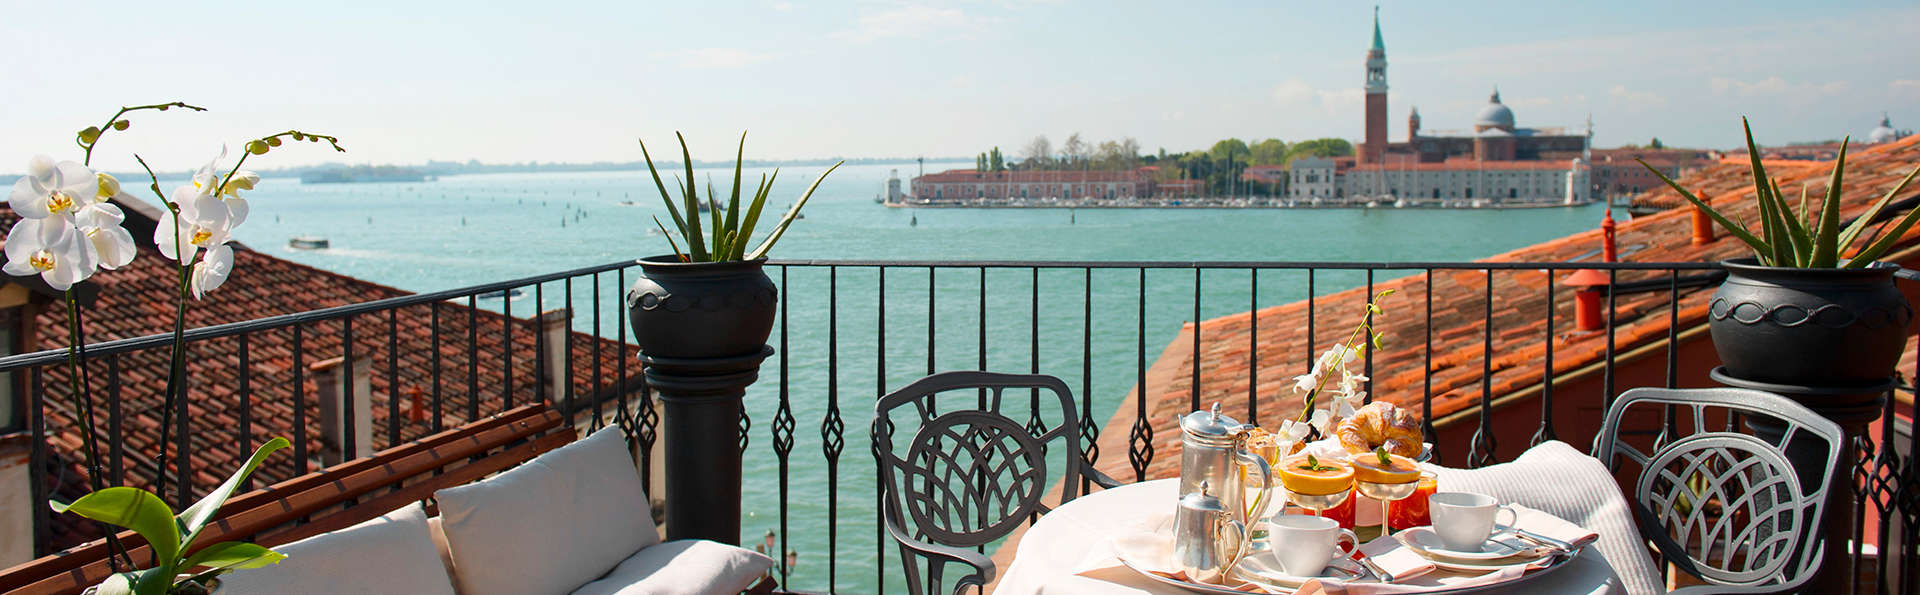 Hotel Metropole Venice - Edit_TerraceSuite.jpg